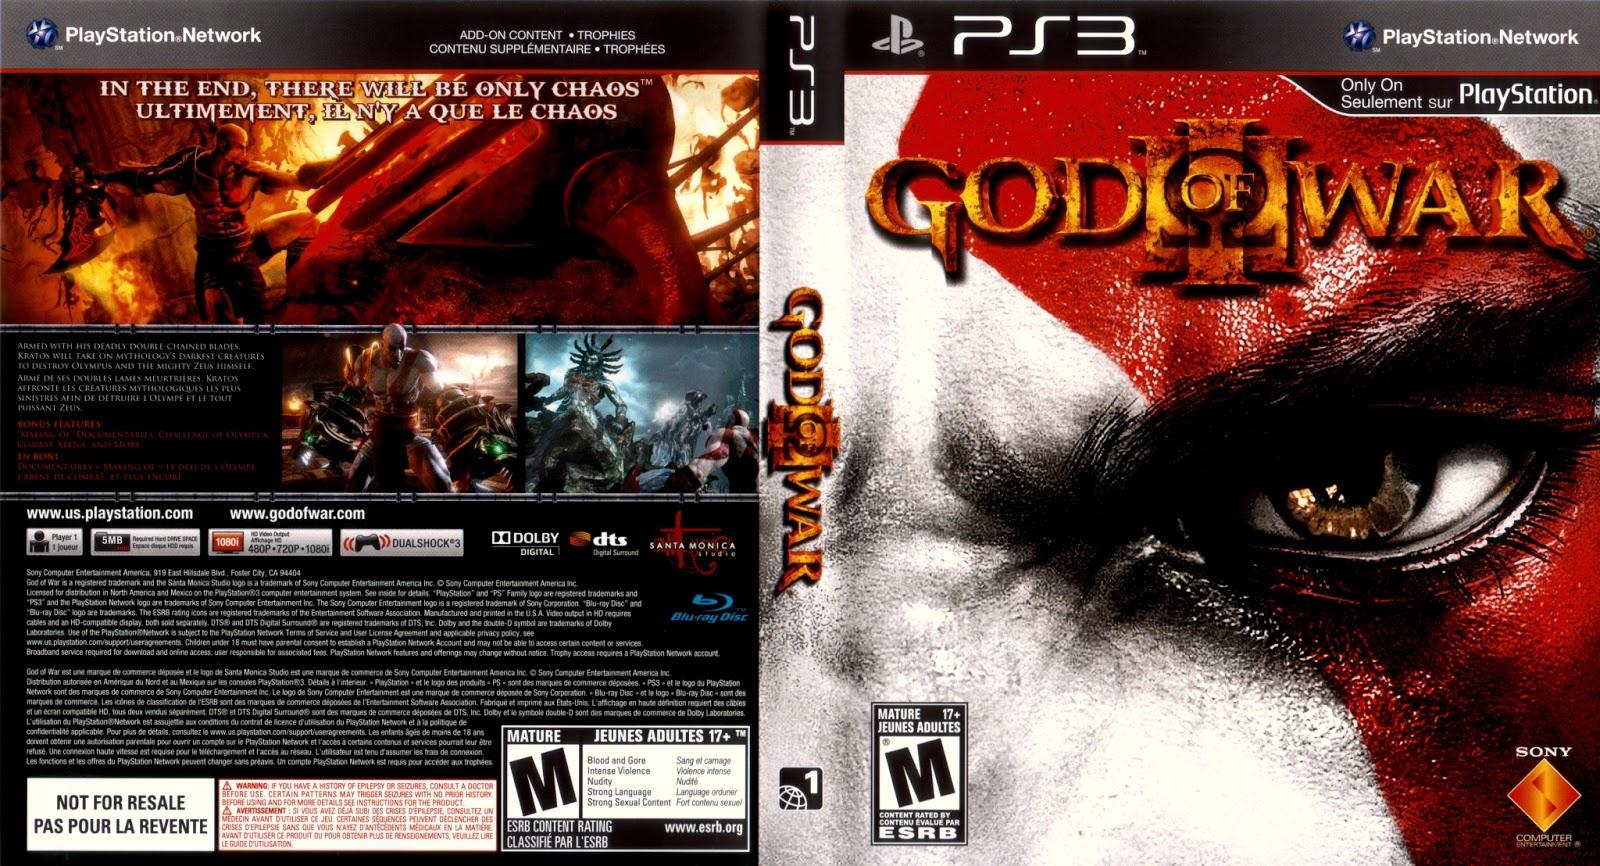 god of war 3 image download